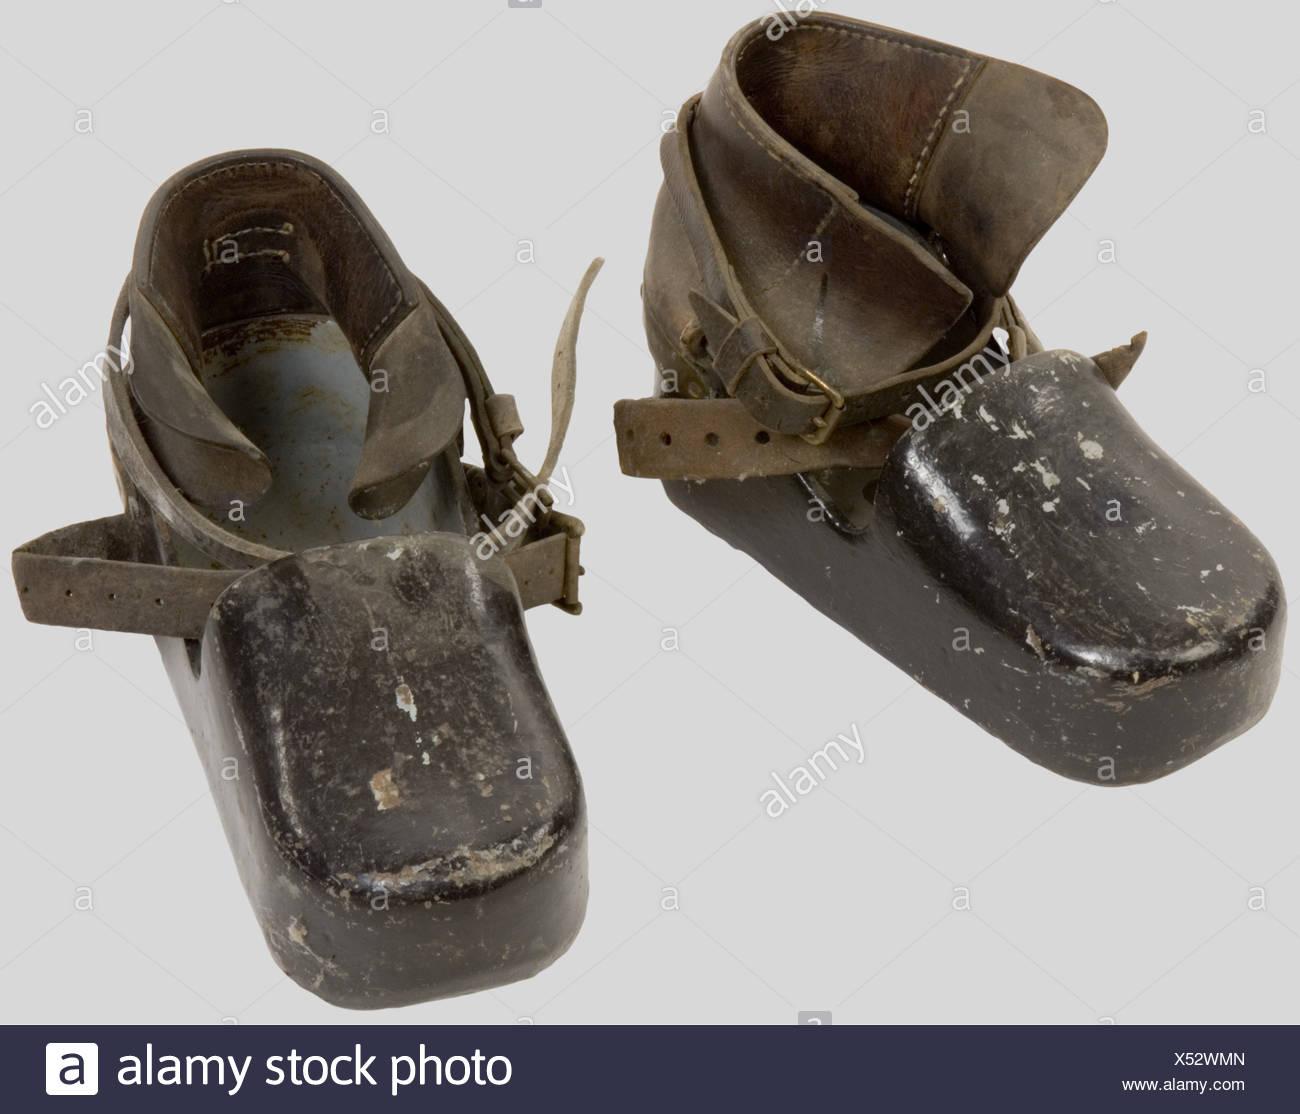 Kriegsmarine, Chaussures de Scaphandrier de la Kriegsmarine., Plomb et bronze peint en gris clair avec lanières d'attache. Récupérées à la base de La Palice., , Additional-Rights-Clearances-NA - Stock Image